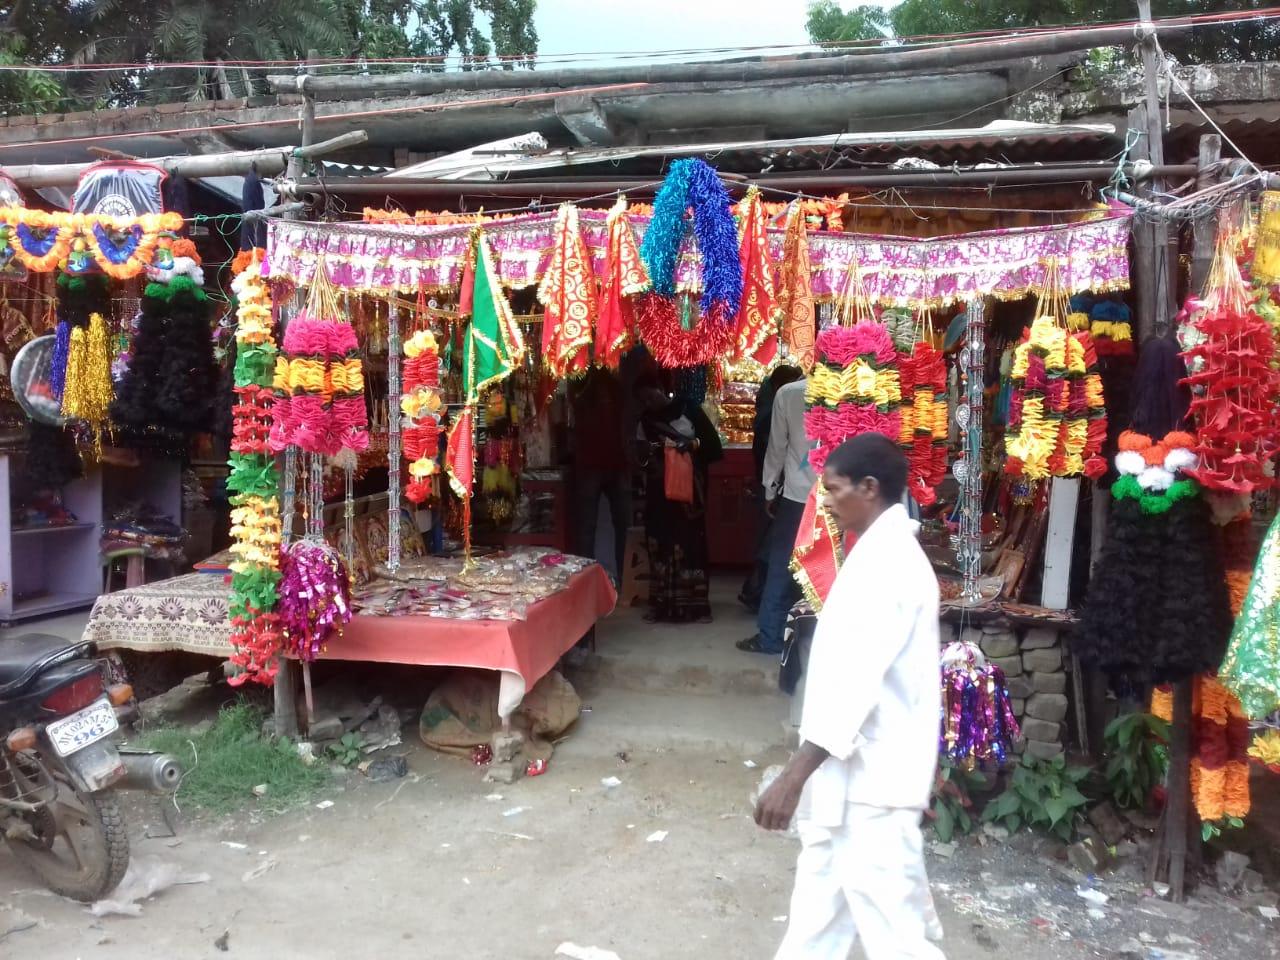 विश्वकर्मा पूजा की तैयारी में जुटे लोग, बाजारों में दिखी चहल-पहल